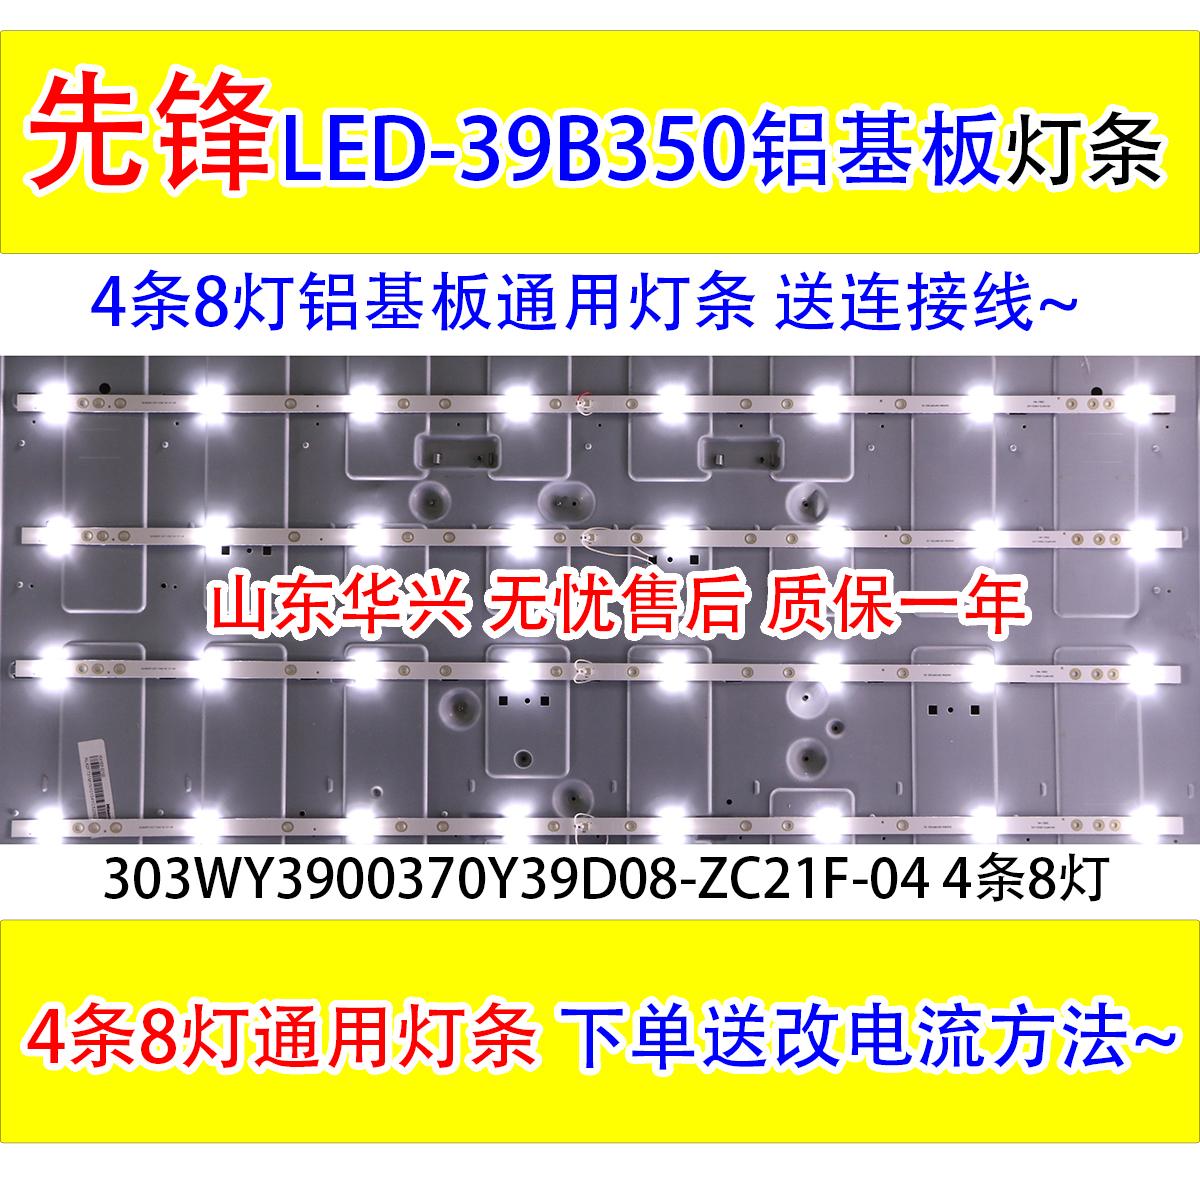 先锋LED-39B350灯条303WY3900370Y39D08-ZC21F-04铝基板4条8灯1套